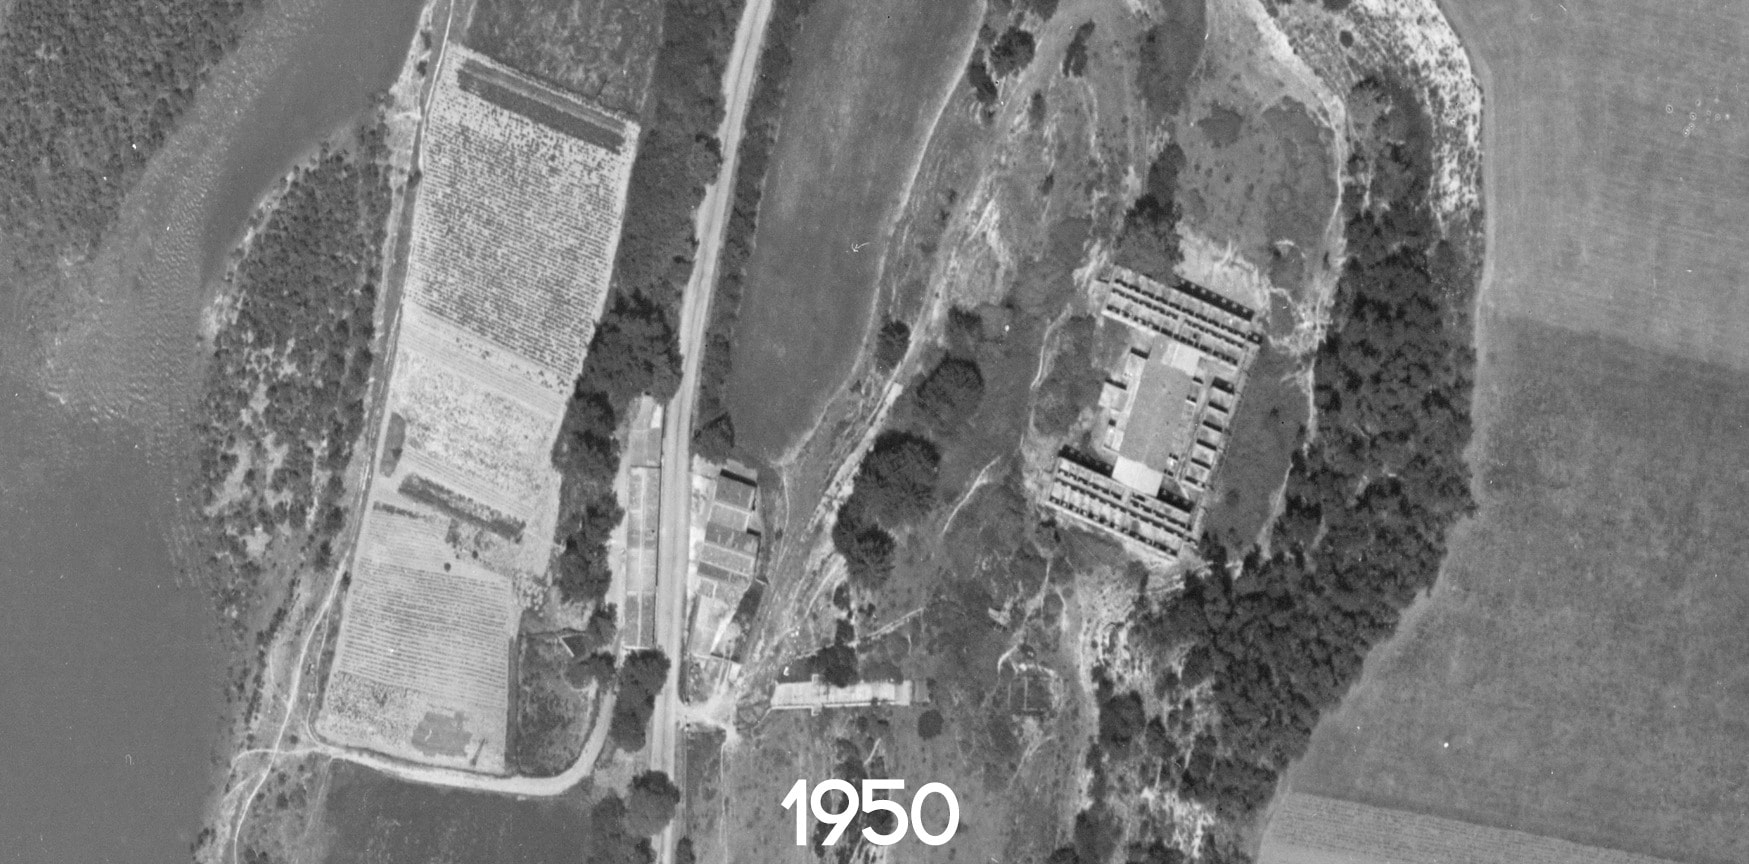 maison-de-retraite-de-wysteria-map1950